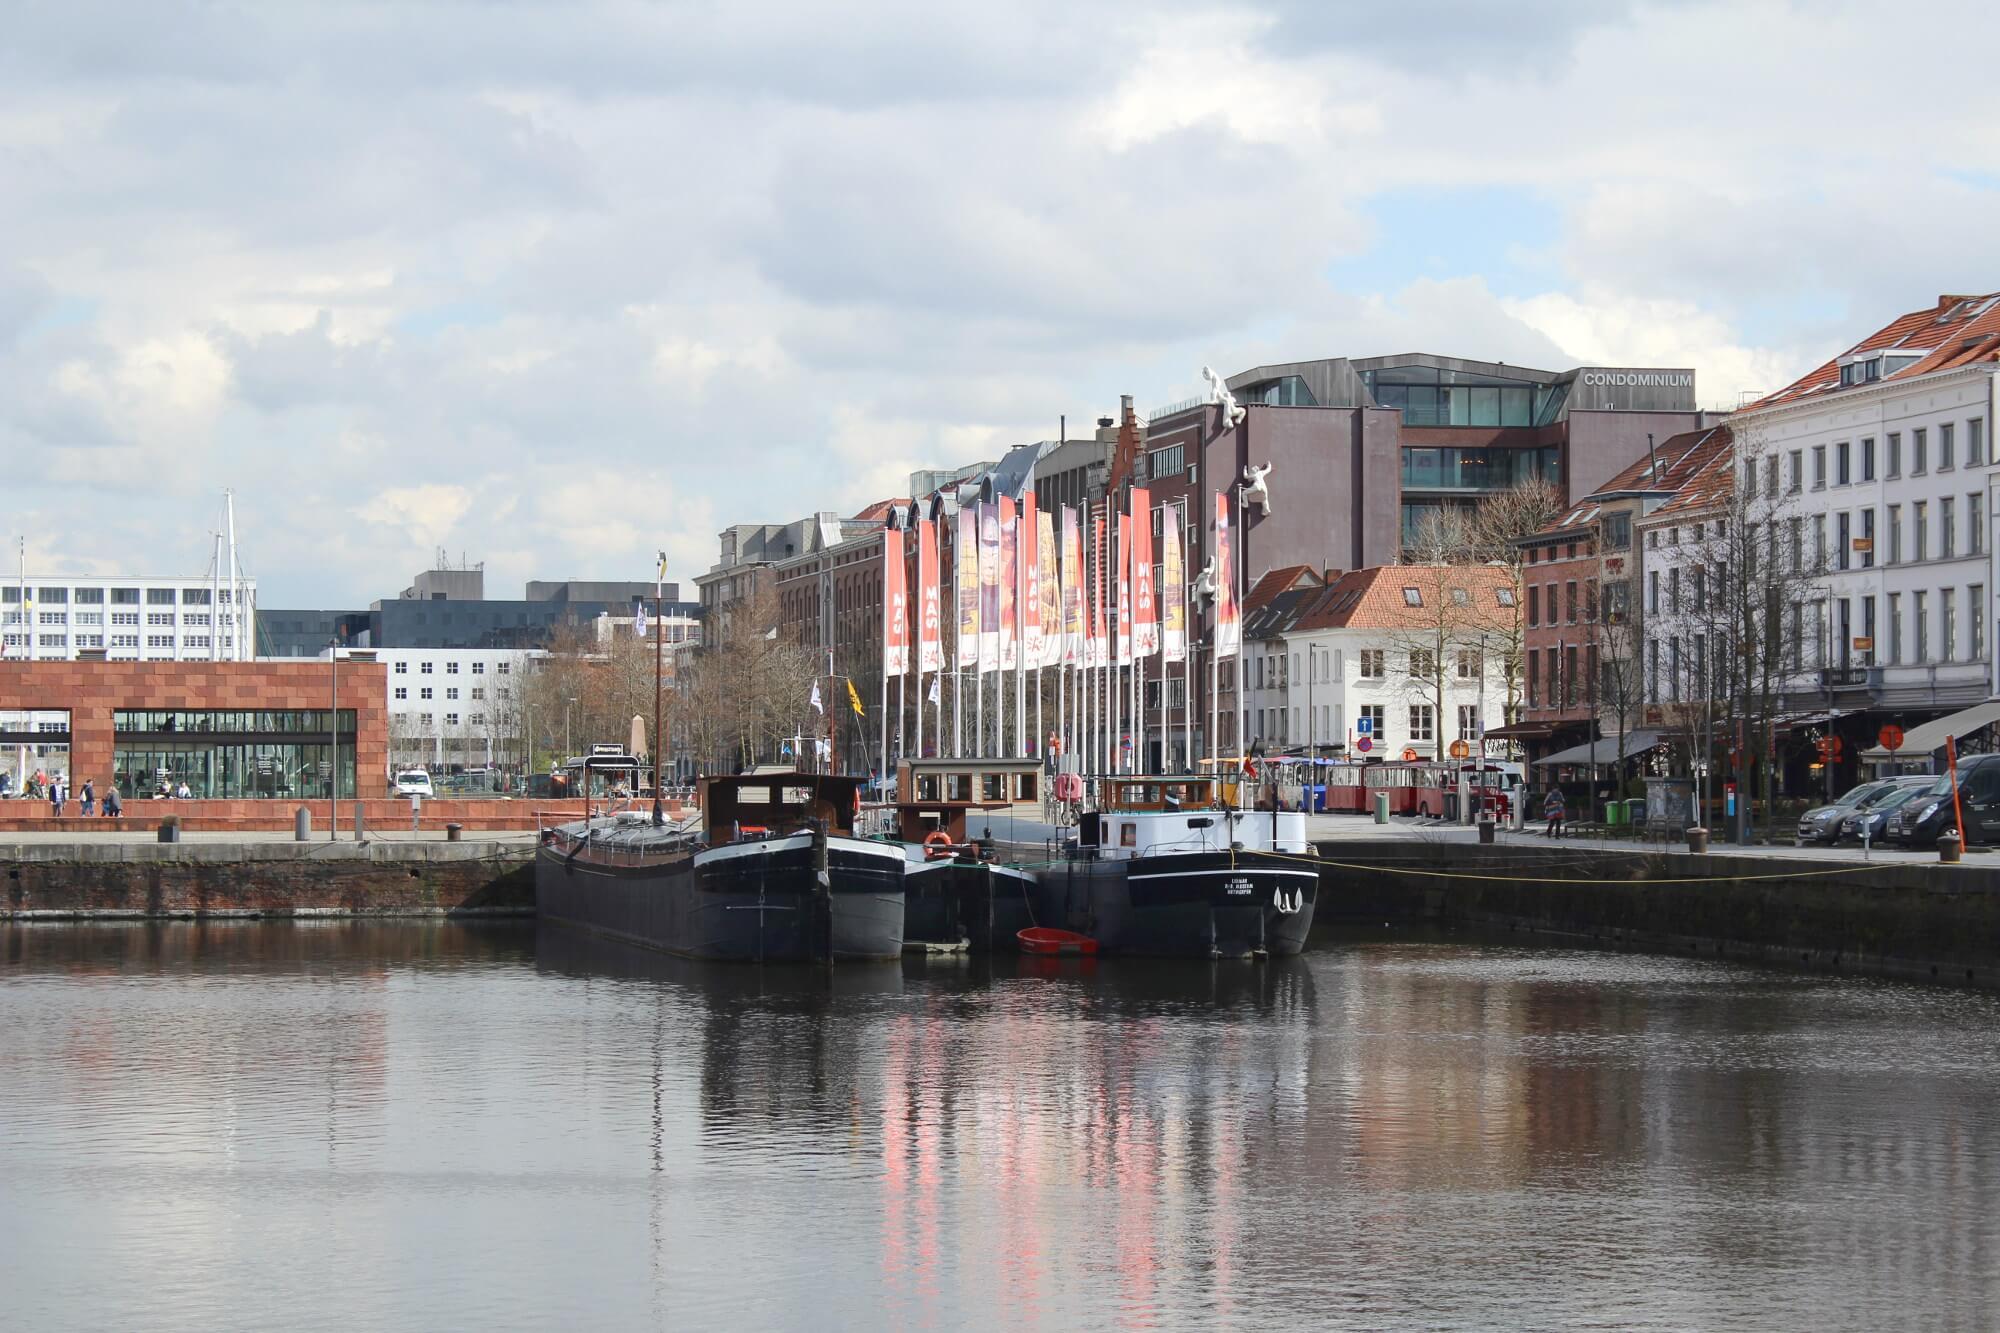 Hafen in Antwerpen